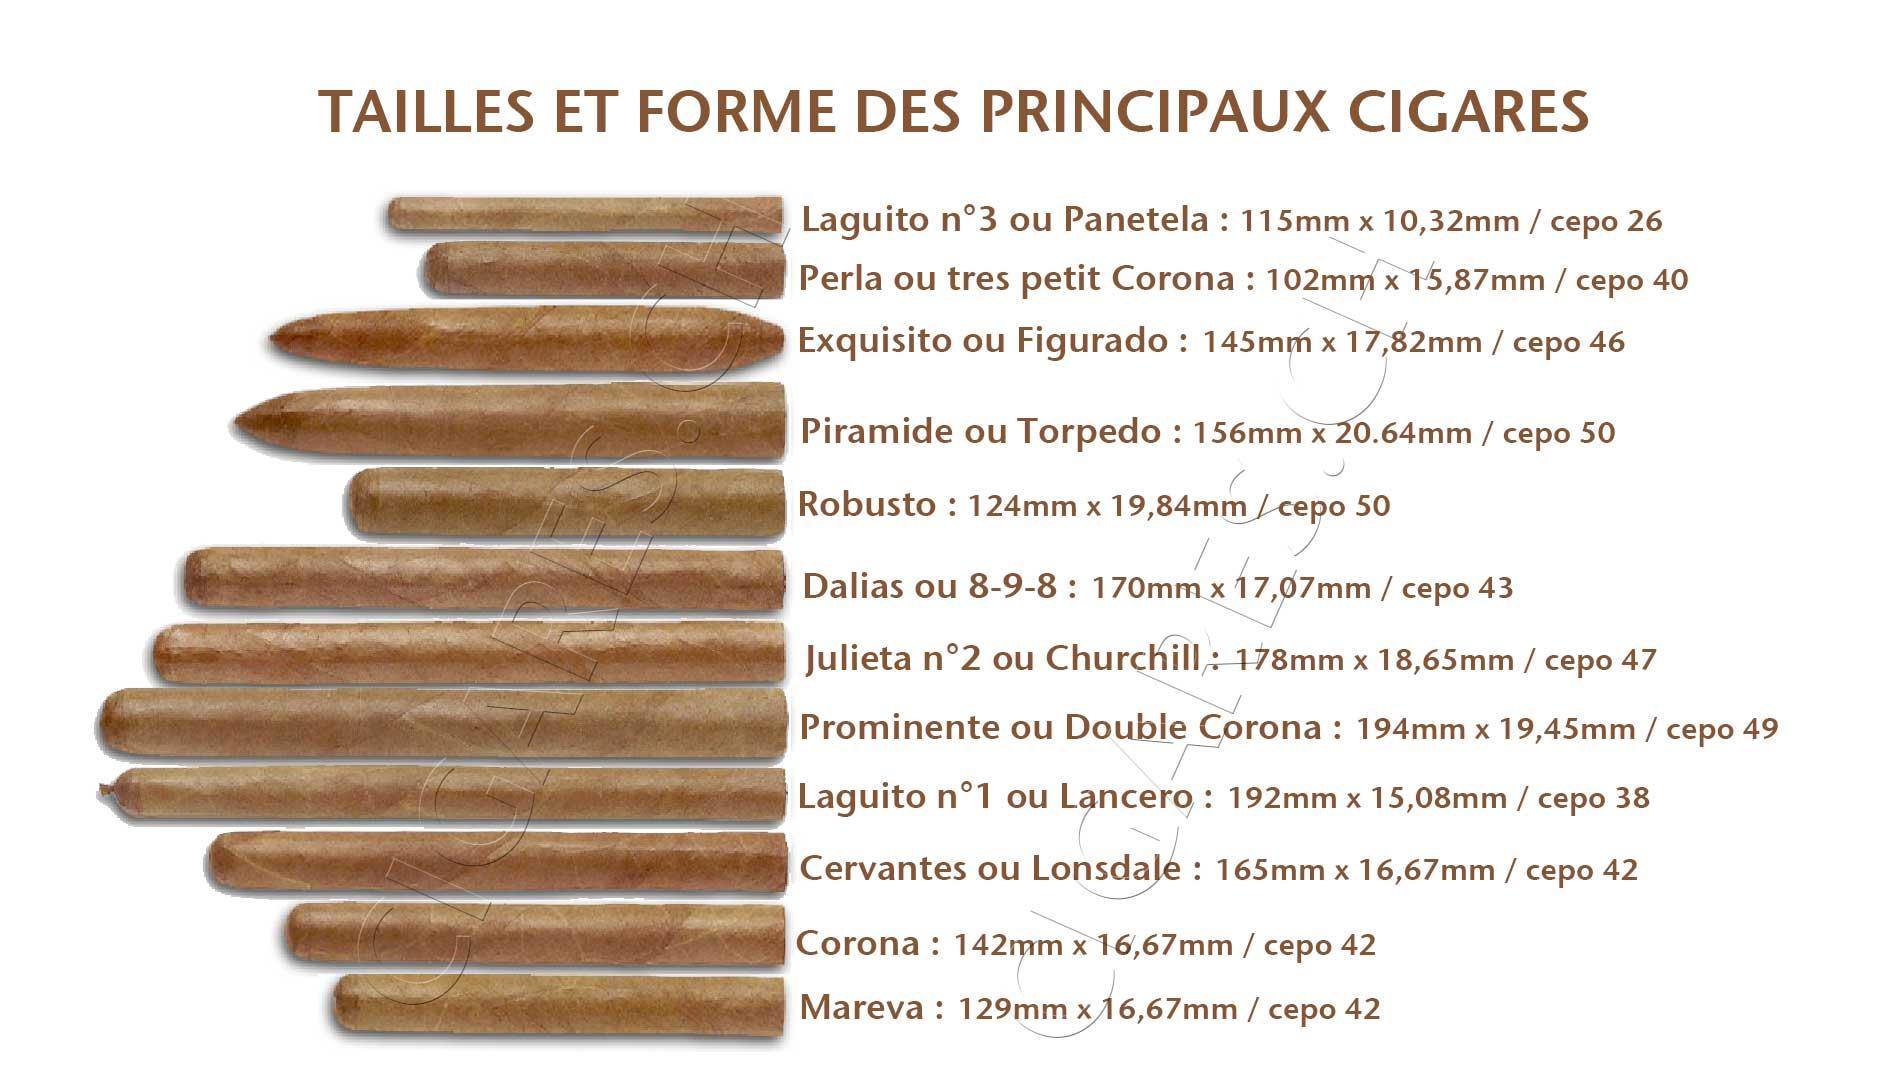 Modules et tailles des cigares